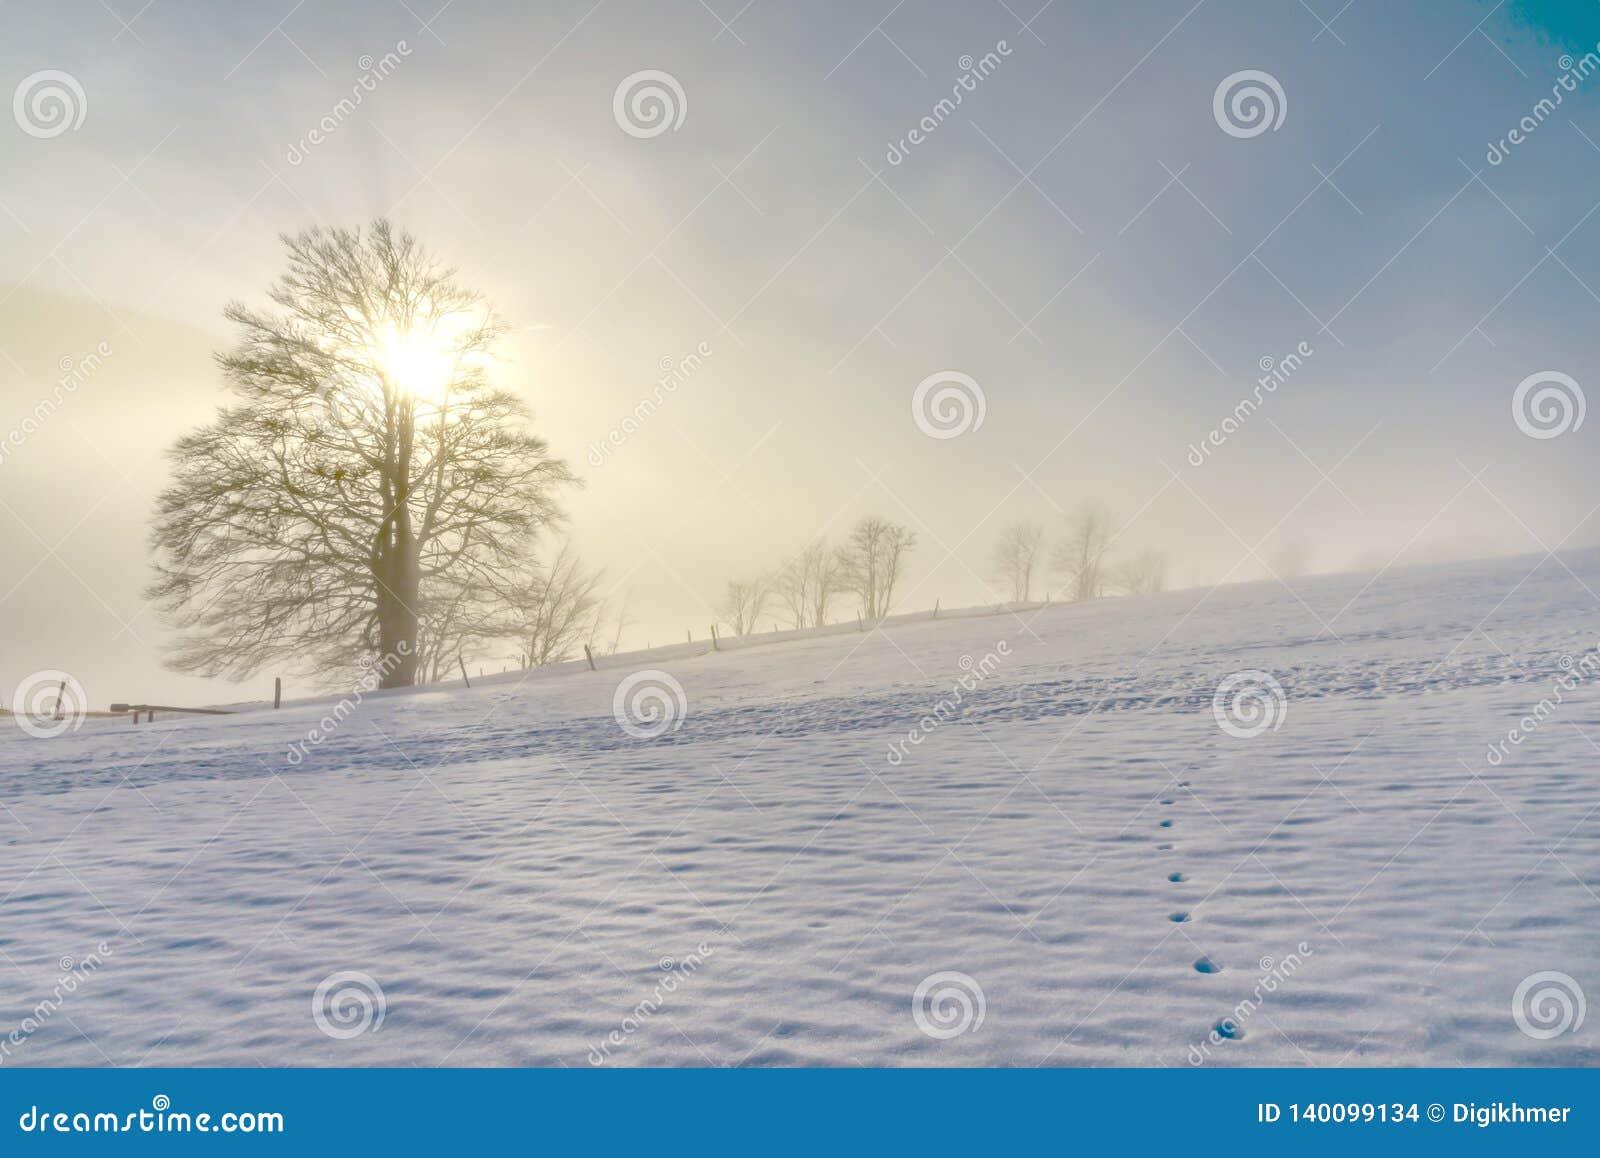 Einsamer alter Baum im gefrorenen Winter